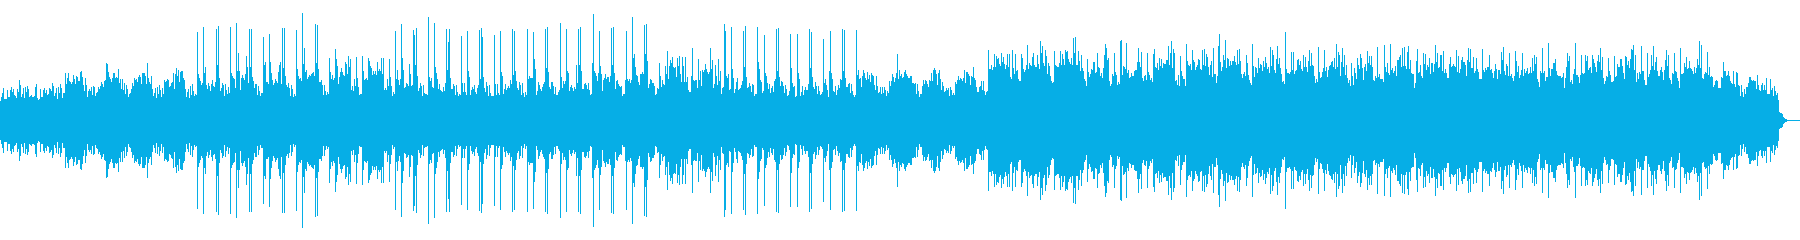 出会いの機微を歌ったドラマチックな楽曲の再生済みの波形